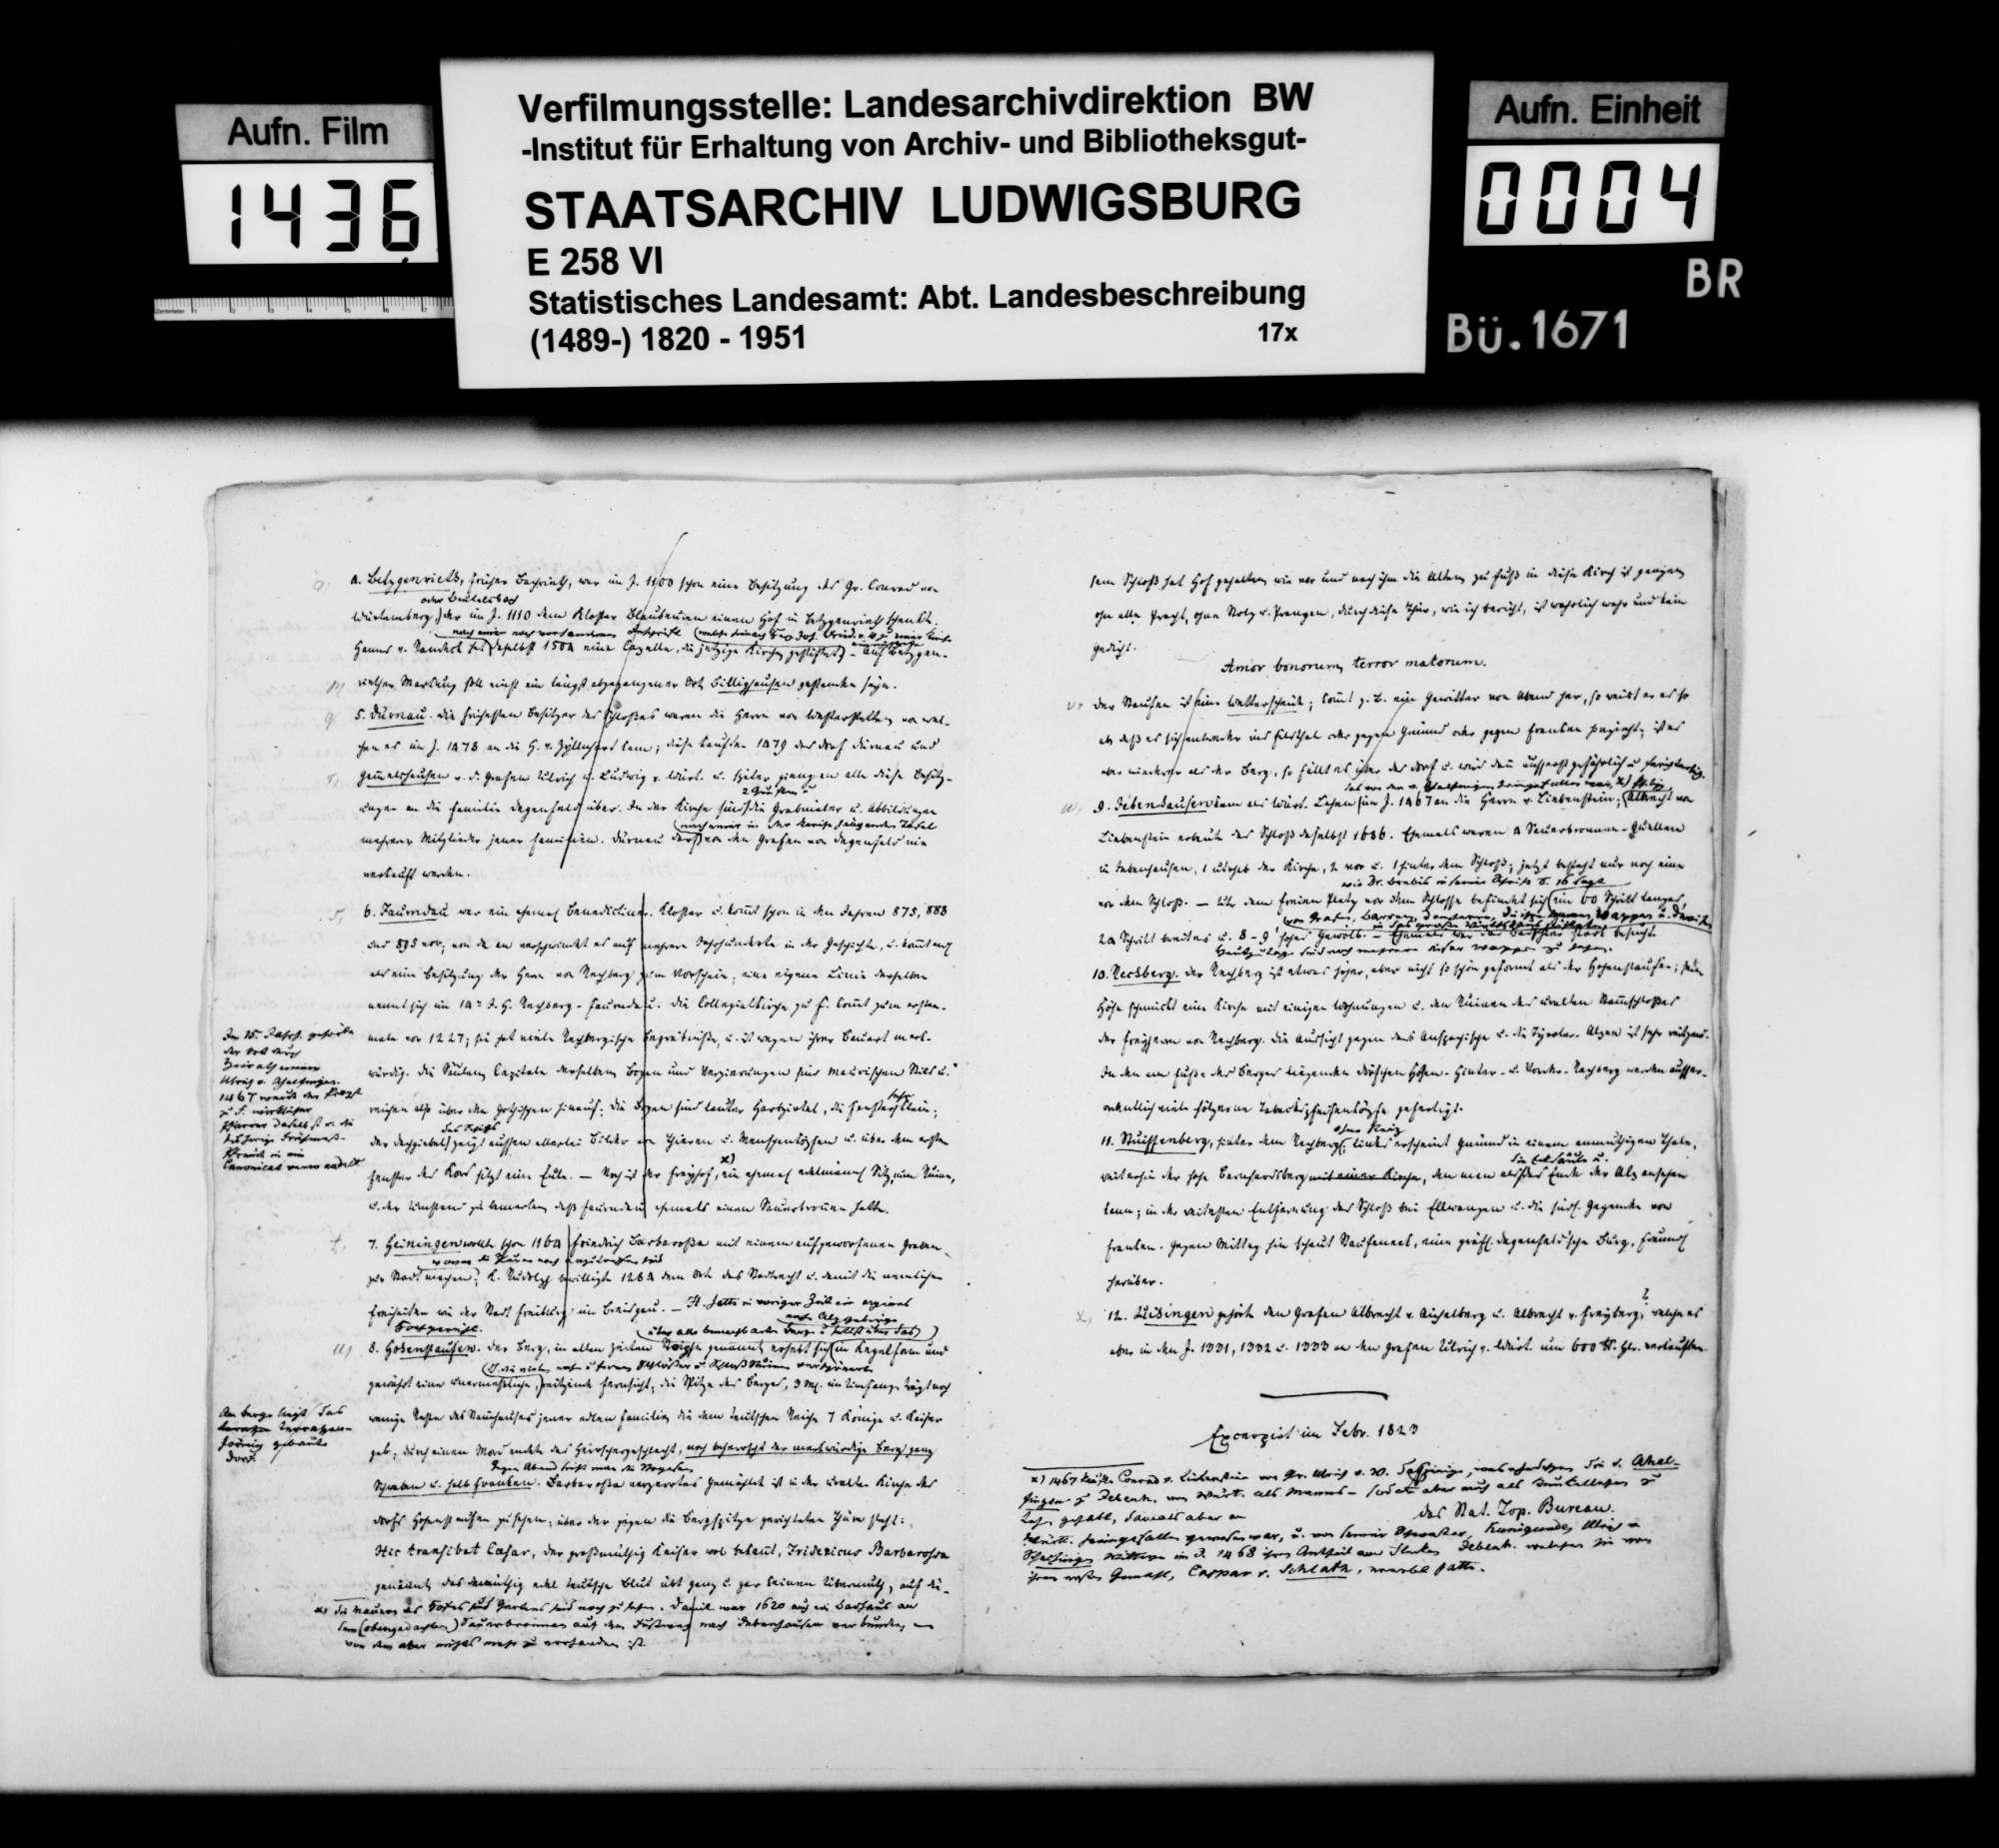 Auszüge aus Heft I des Kameralamtsgrundbuchs Göppingen mit grundlegenden Informationen zum Oberamtsbezirk, Bild 3